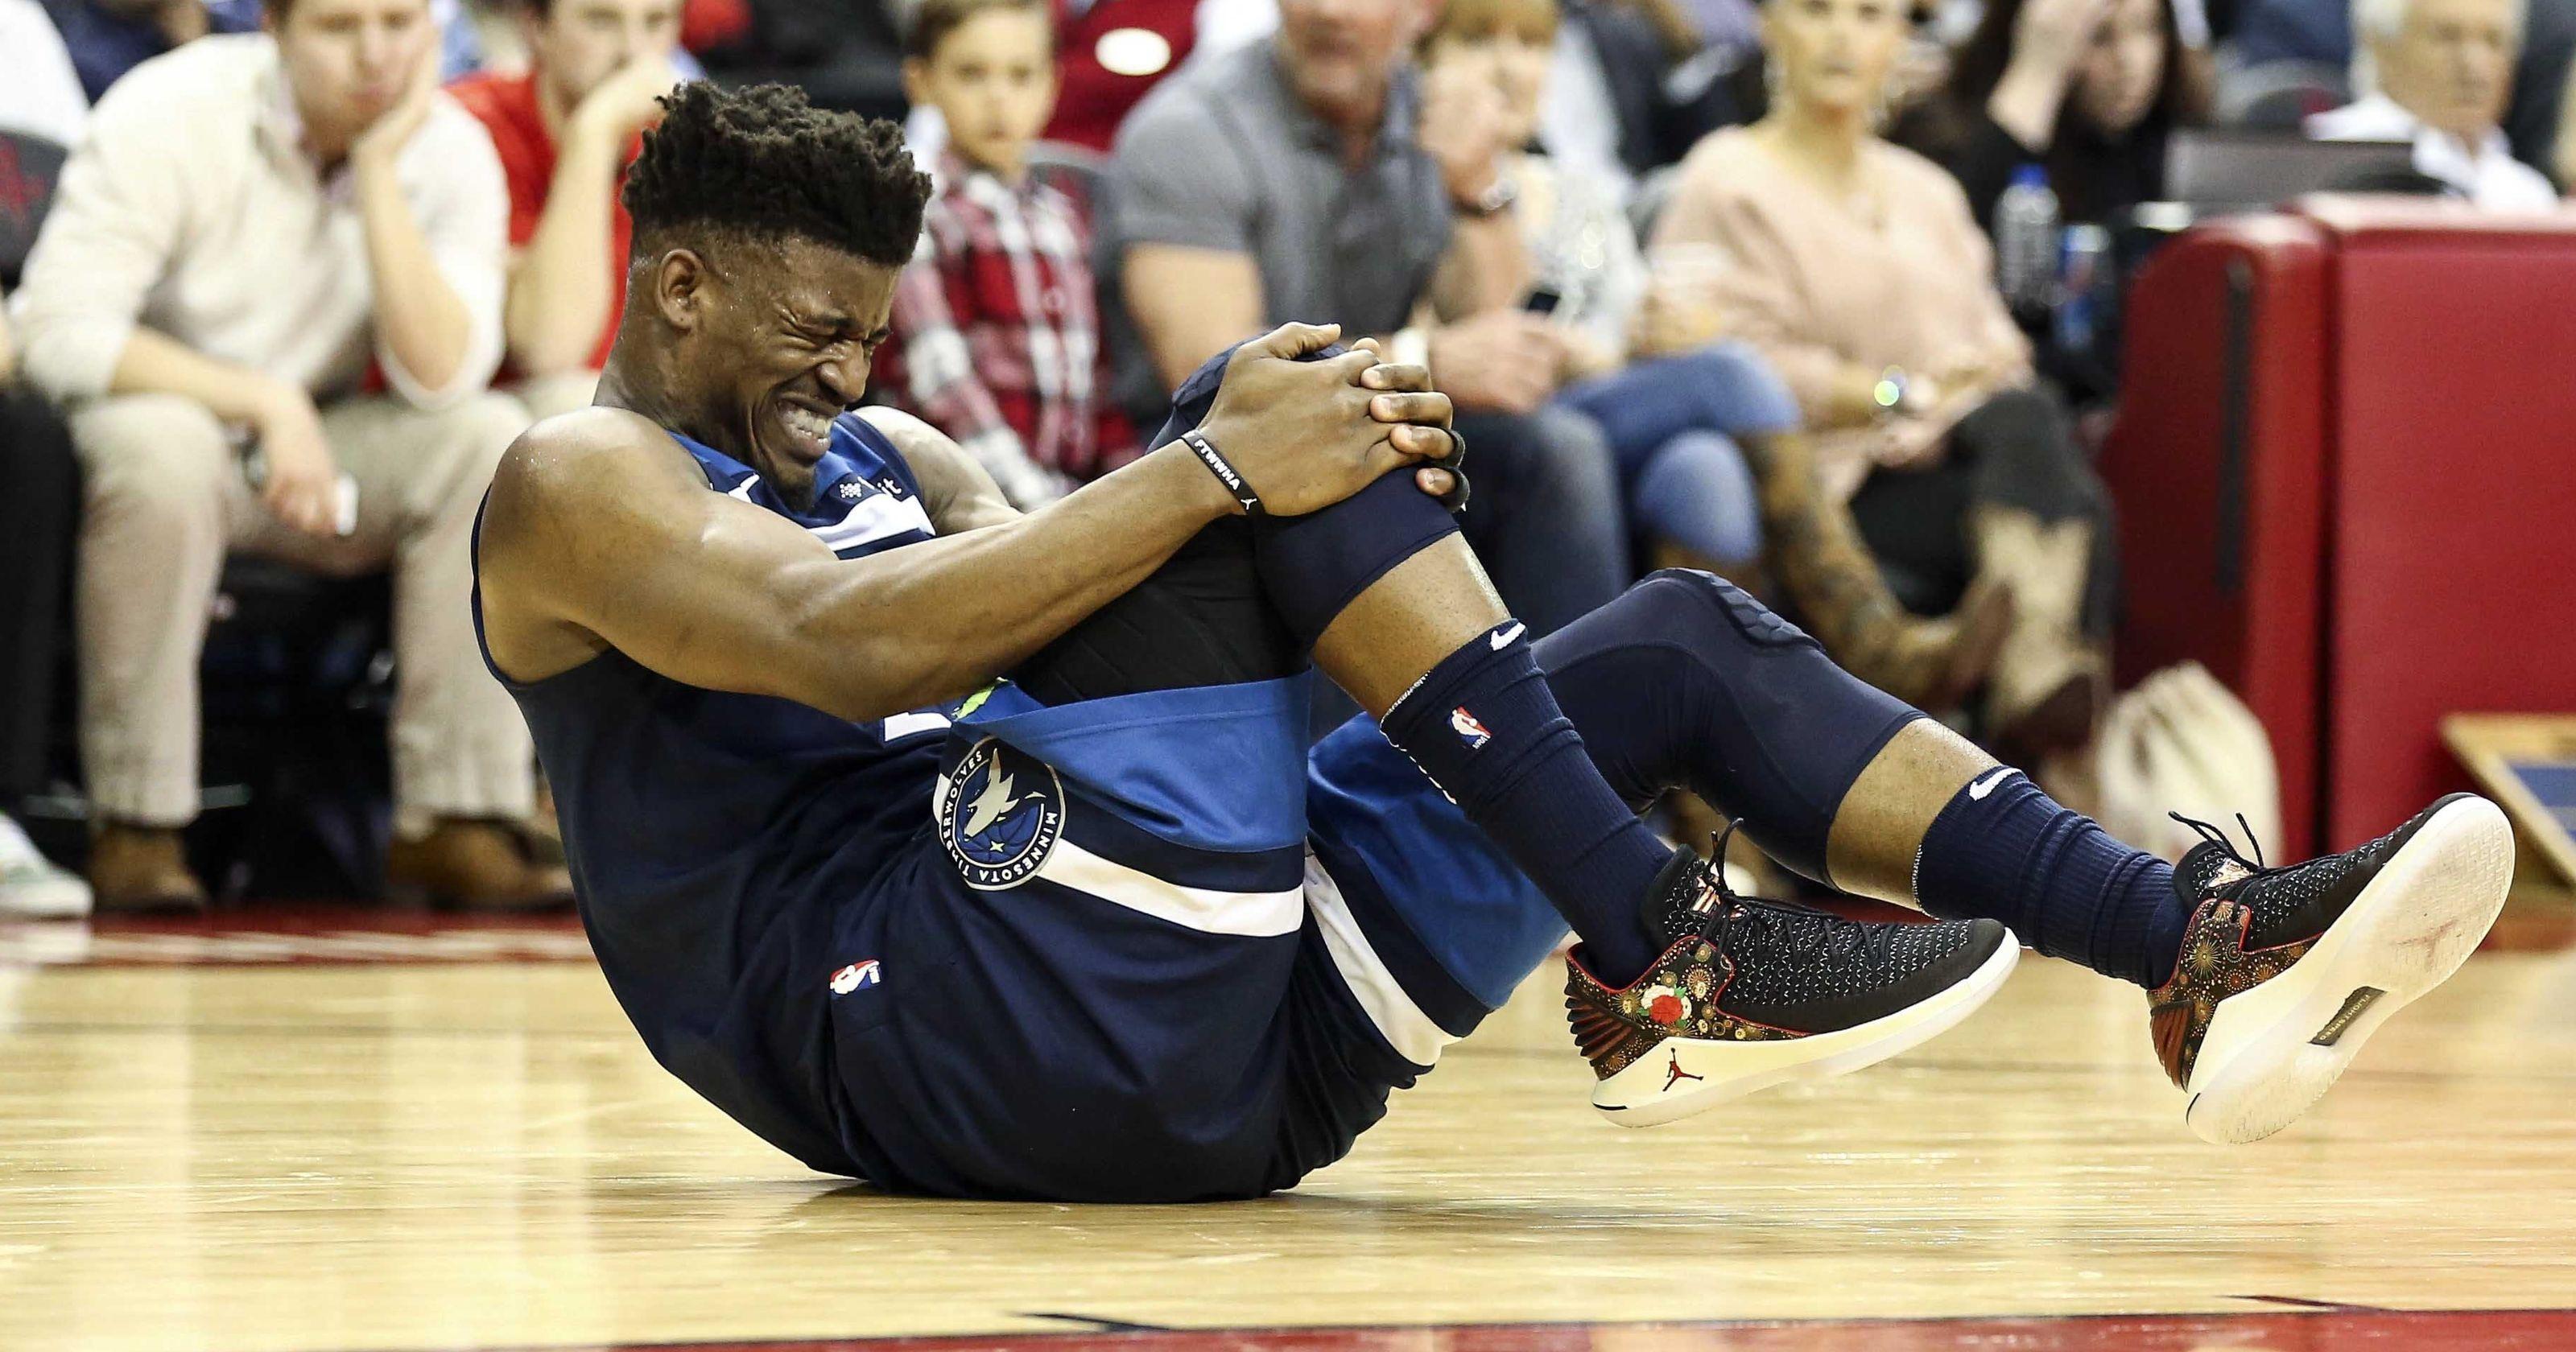 El dolor inicial de los lesionados en la NBA, con el testimonio de Jimmy Butler.